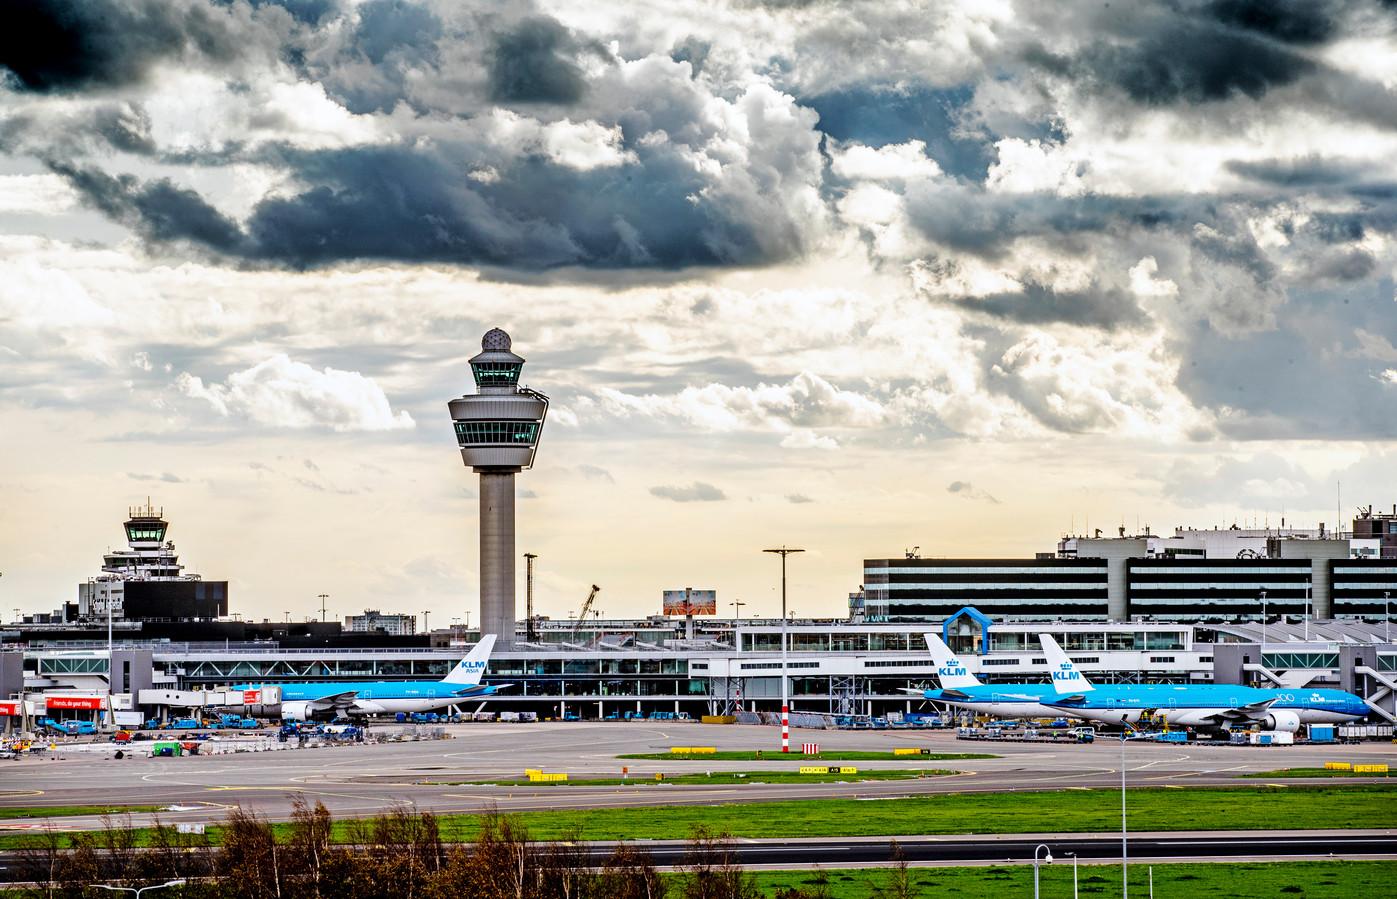 Reizigers die een voucher weigerden moeten per direct hun geld terugkrijgen.